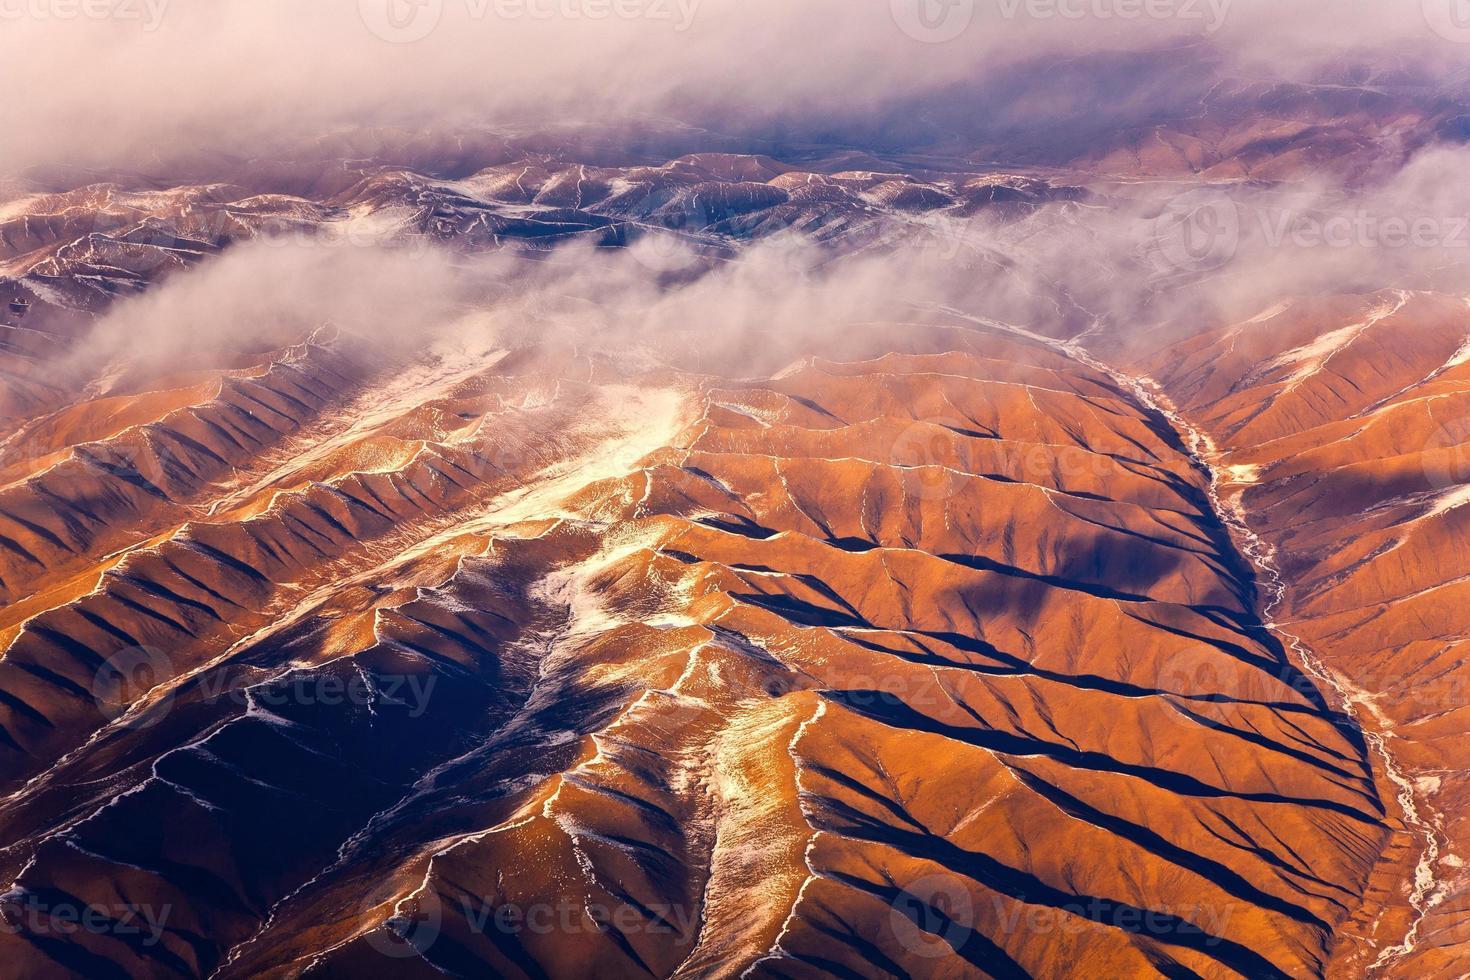 Blick vom Flugzeug auf die Berge des Himalaya foto